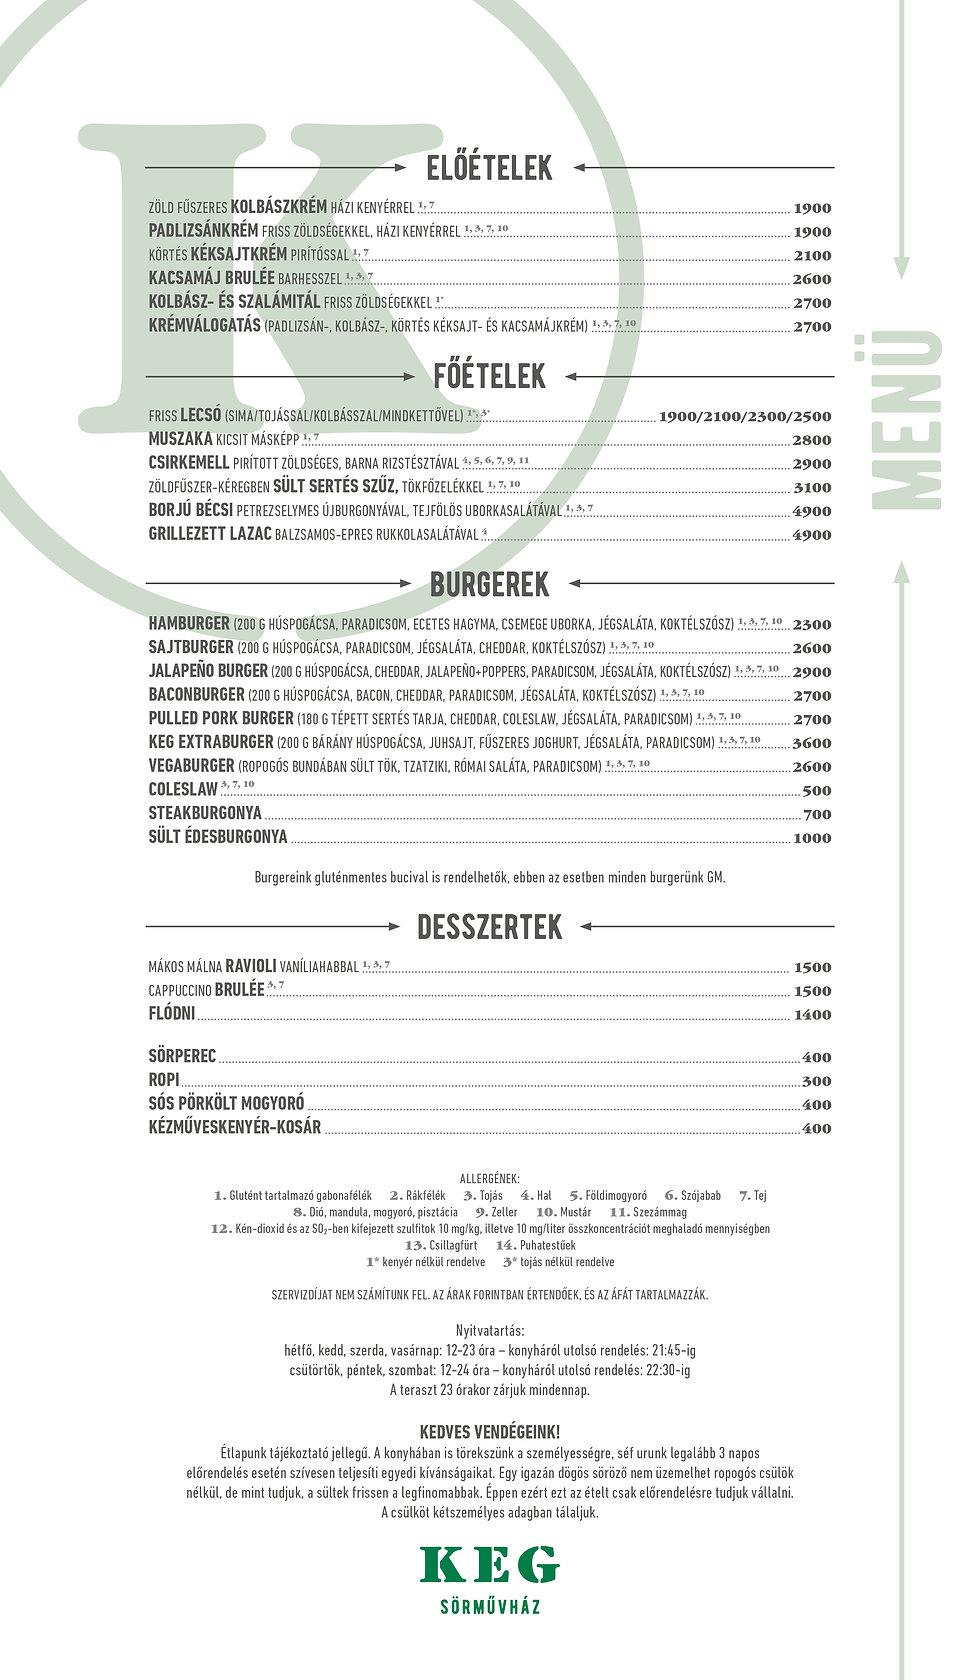 keg_sormuvhaz_menu_itallap_2021_06.jpg